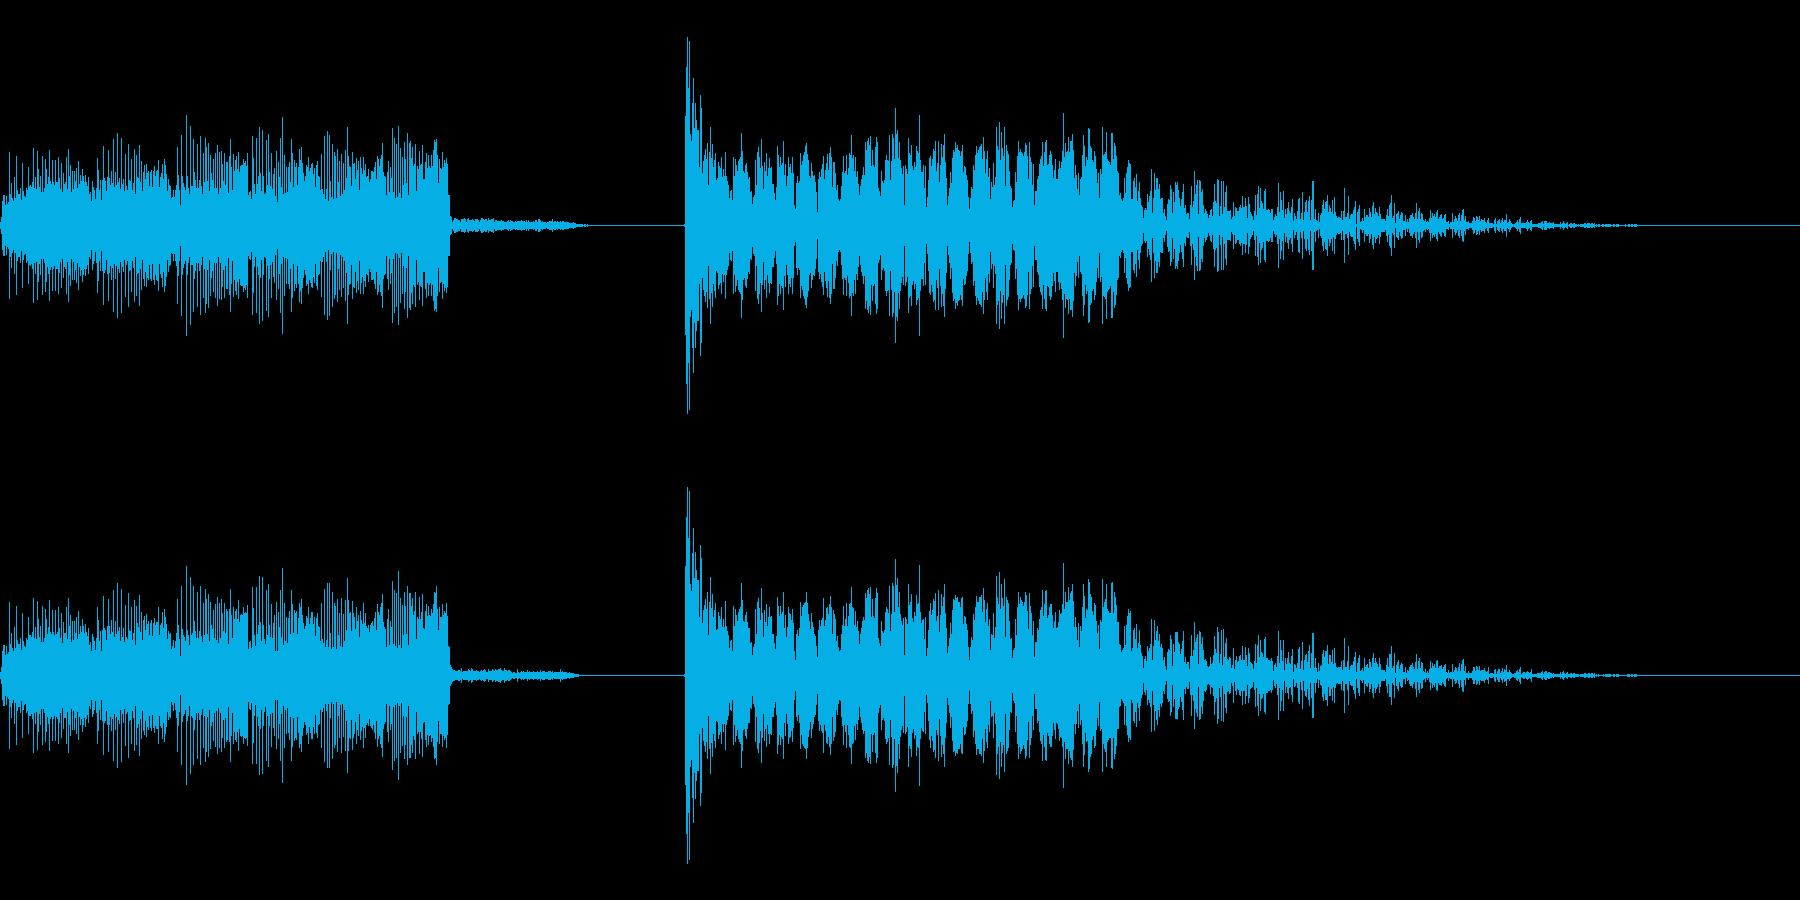 エネルギーチャージ & レーザービームの再生済みの波形